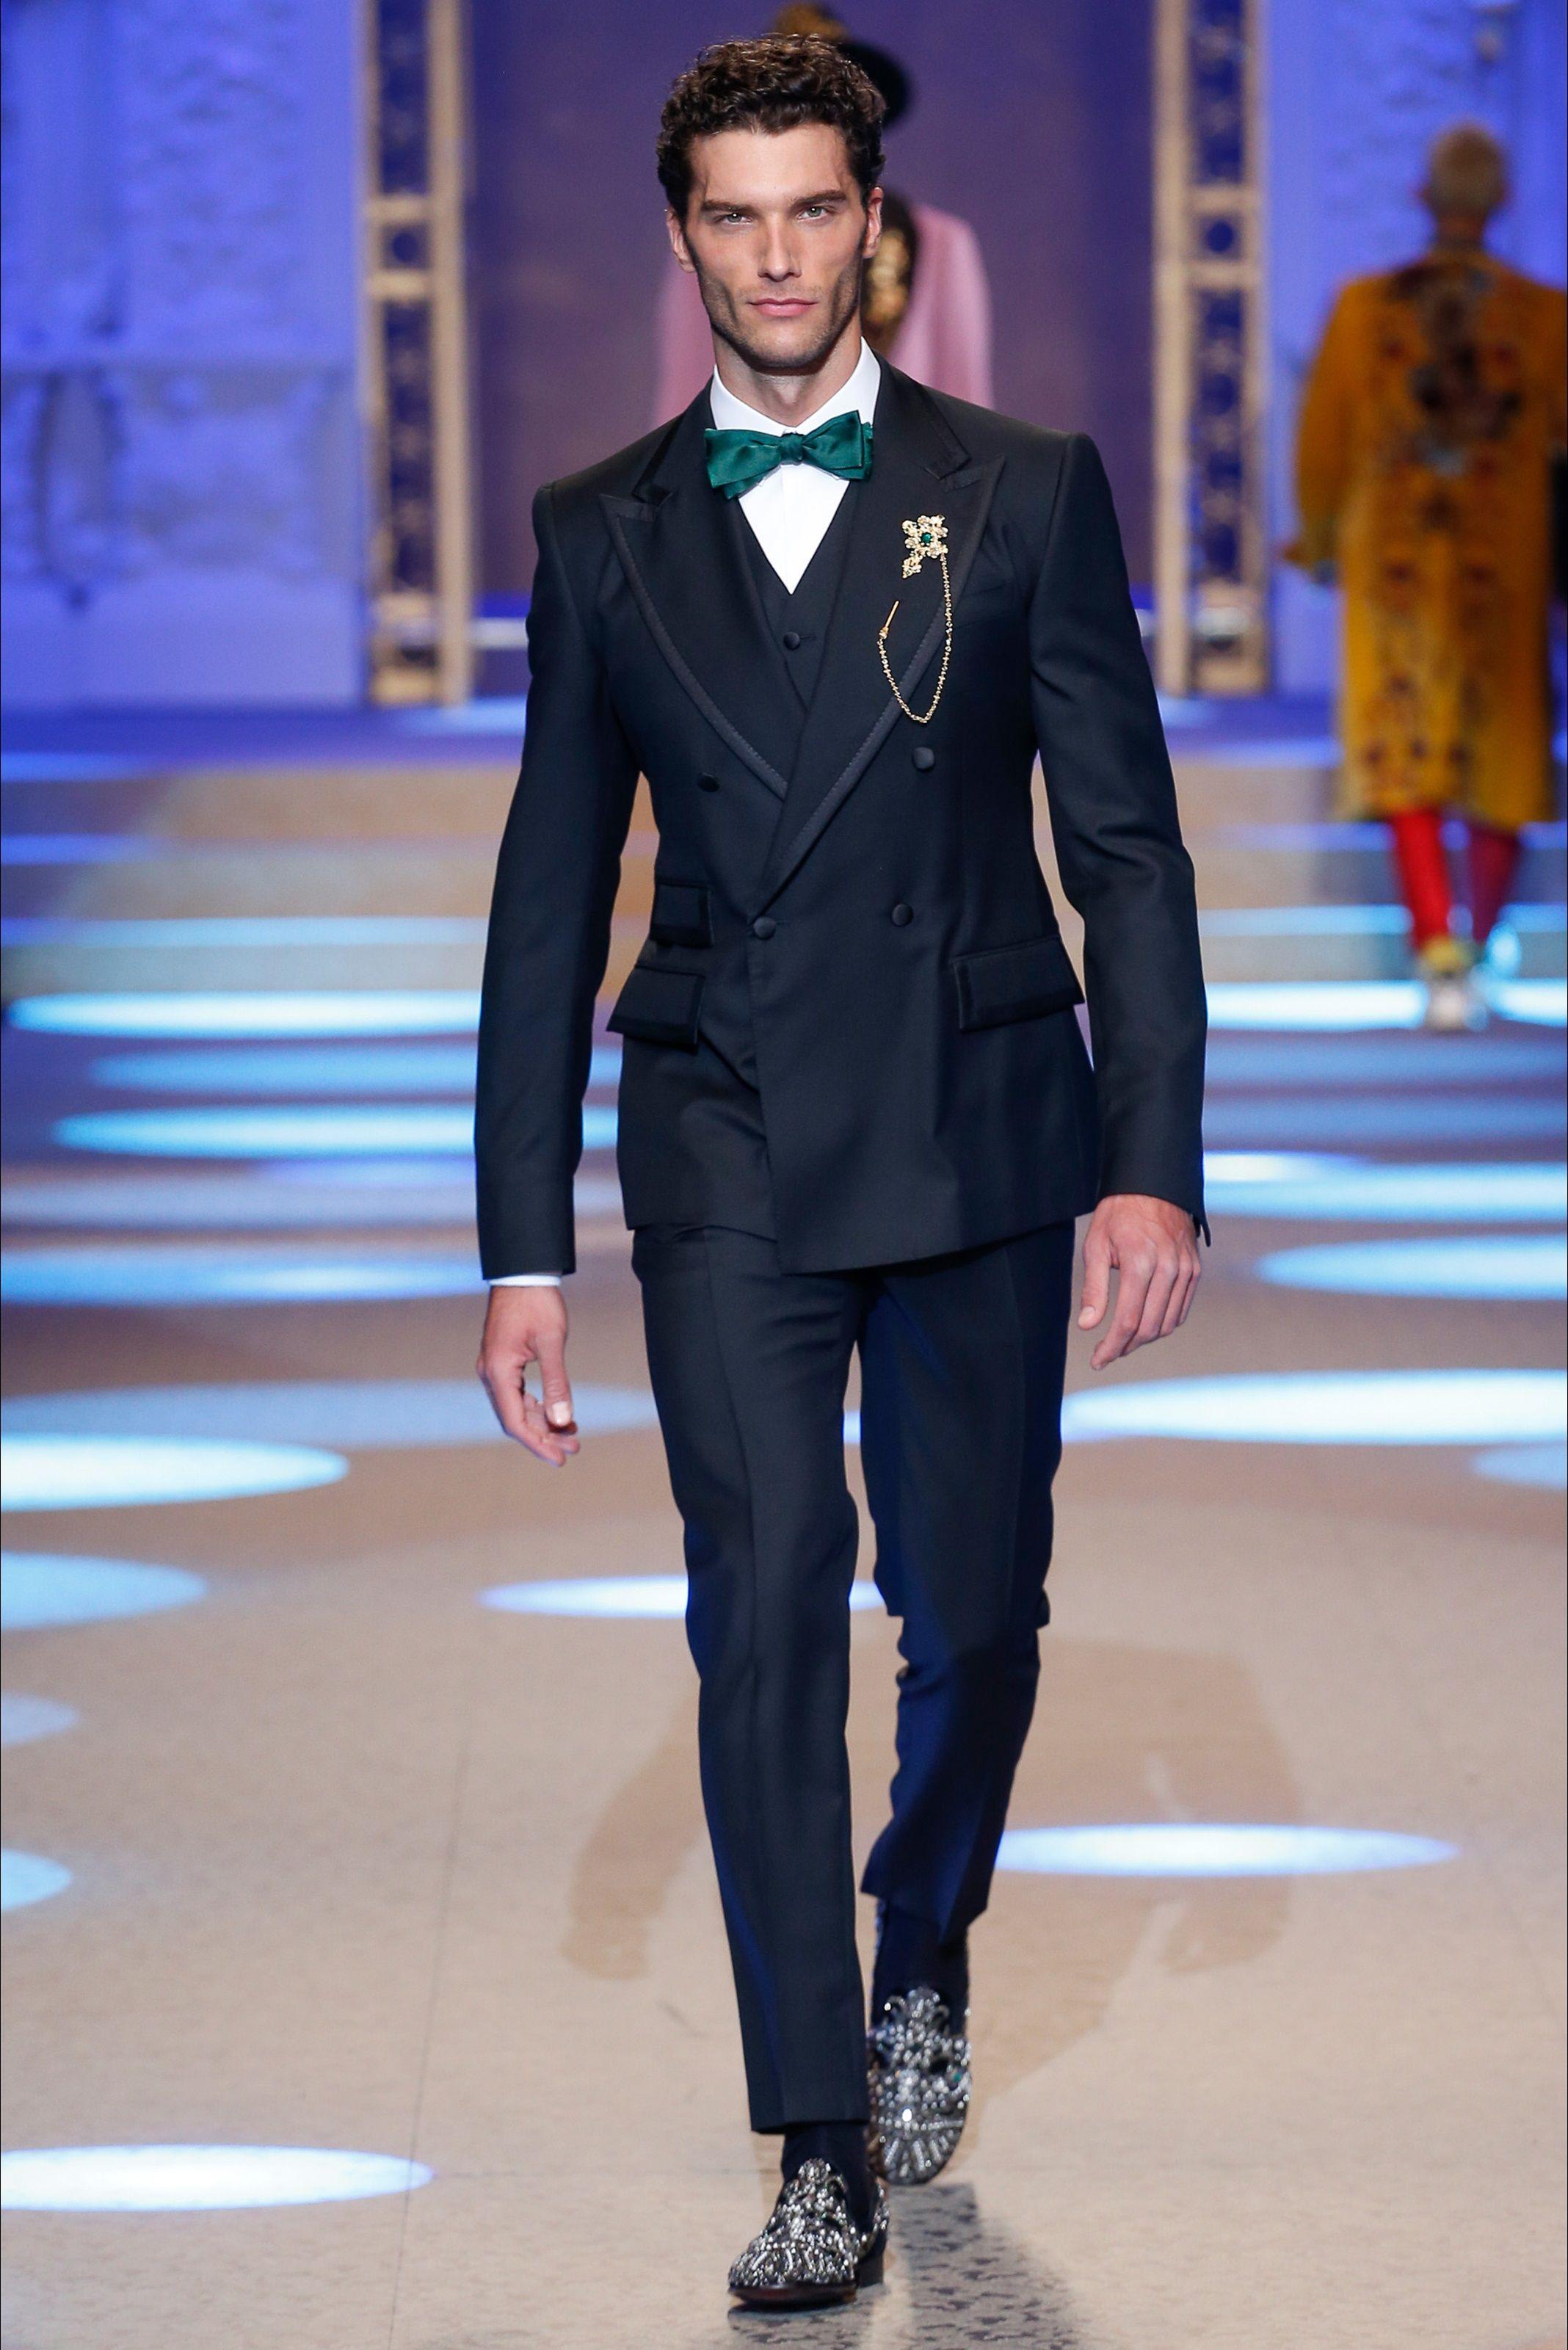 Vestiti Eleganti 2018 Uomo.Sfilata Moda Uomo Dolce Gabbana Milano Autunno Inverno 2018 19